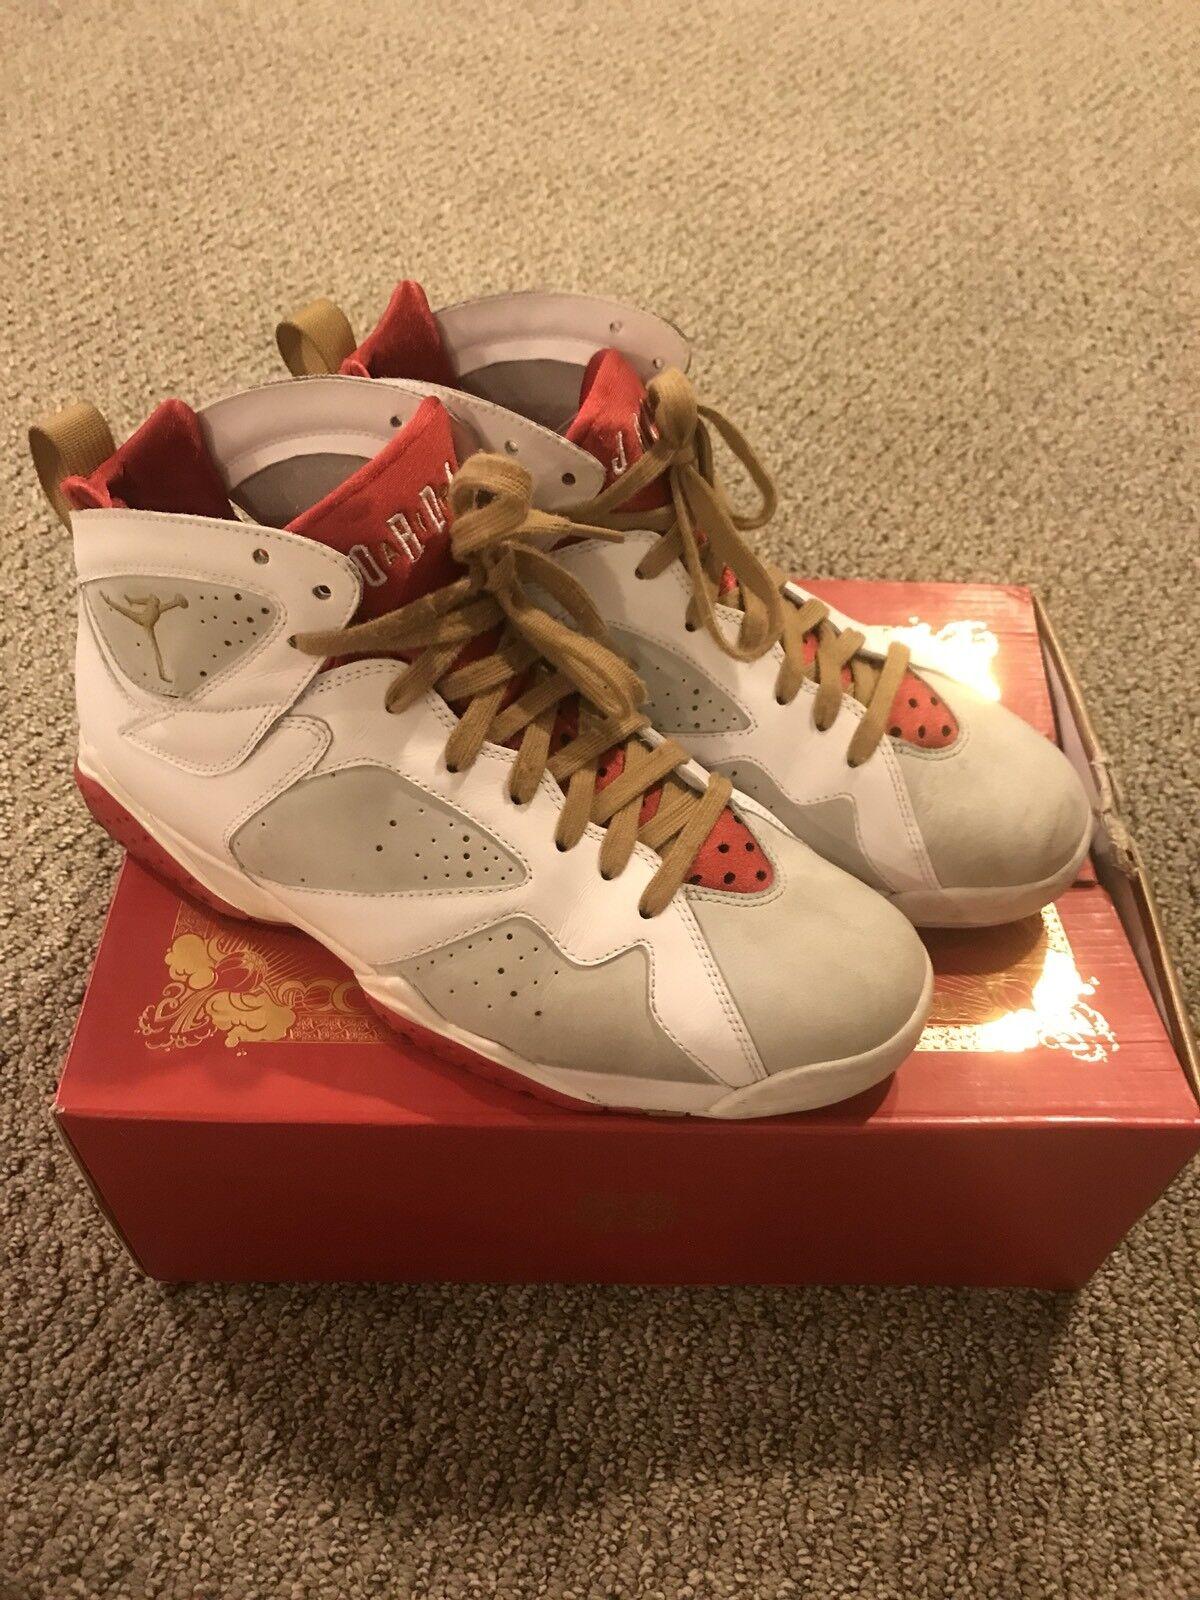 Air Jordan 7 Year of the Rabbit Brand discount